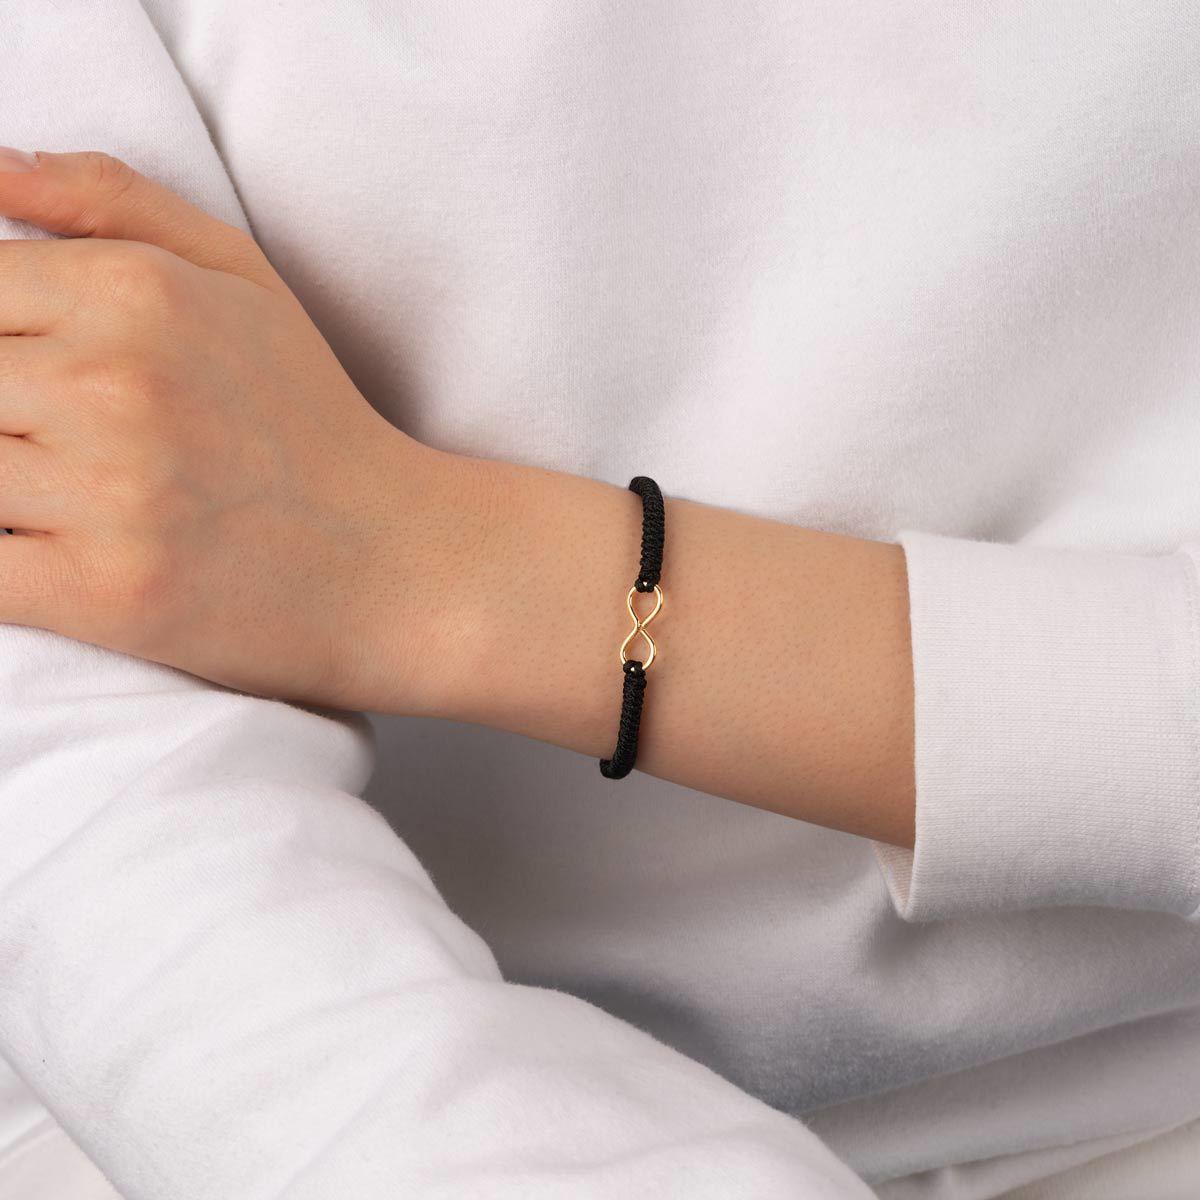 دستبند طلا بافت مشکی بی نهایت